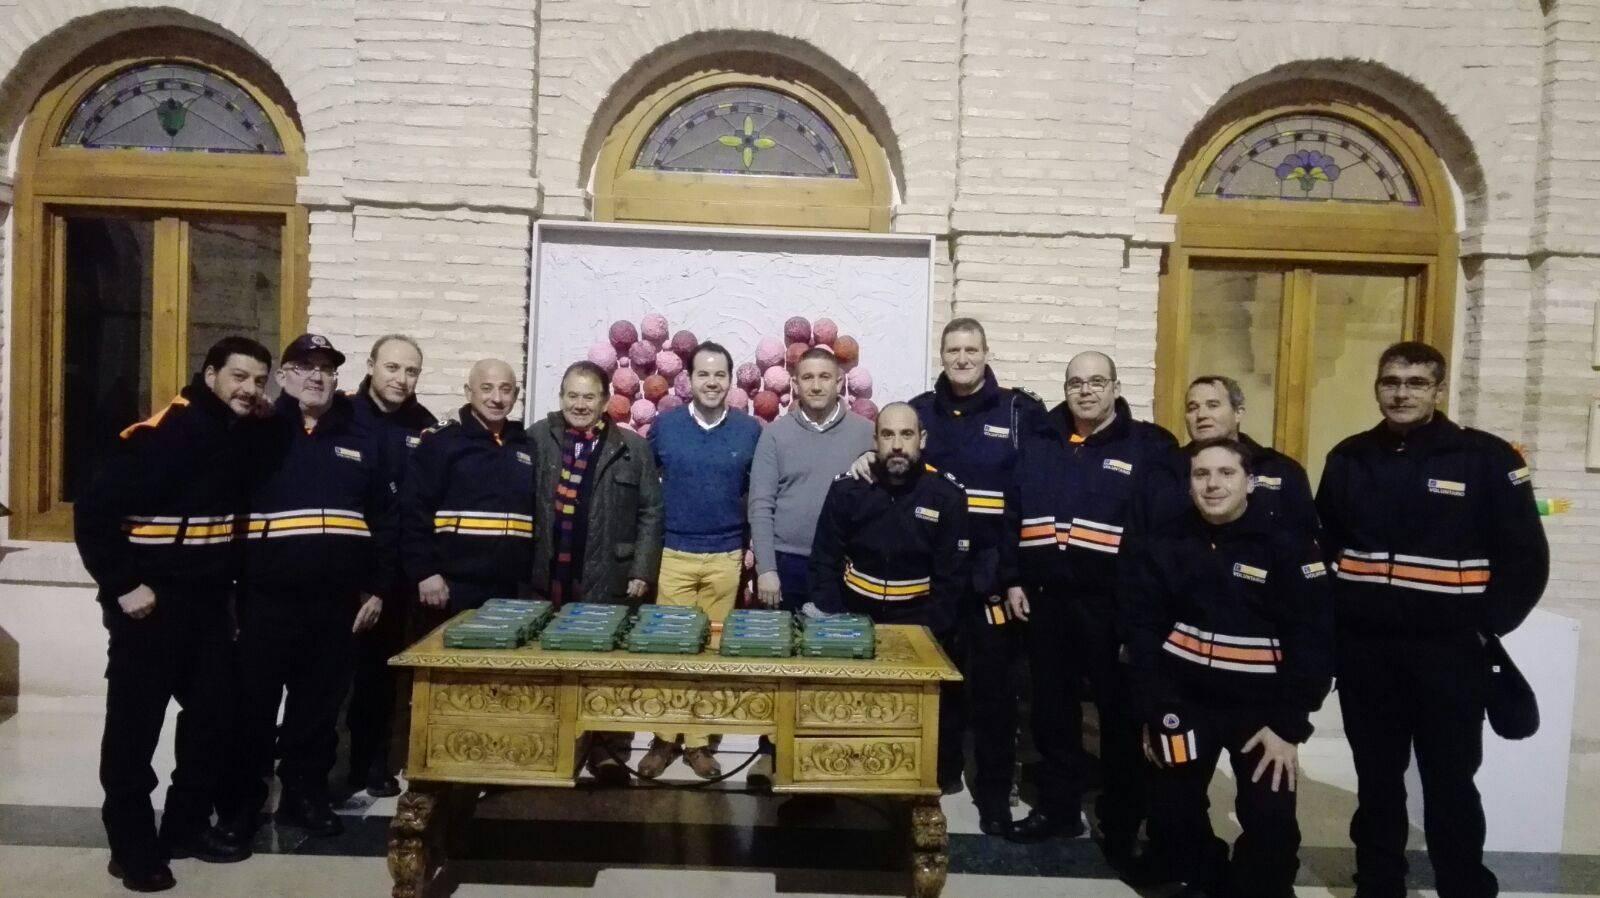 viveros ferca colabora con proteccion civil de herencia 8 - Viveros Ferca colabora con Protección Civil de Herencia donando linternas